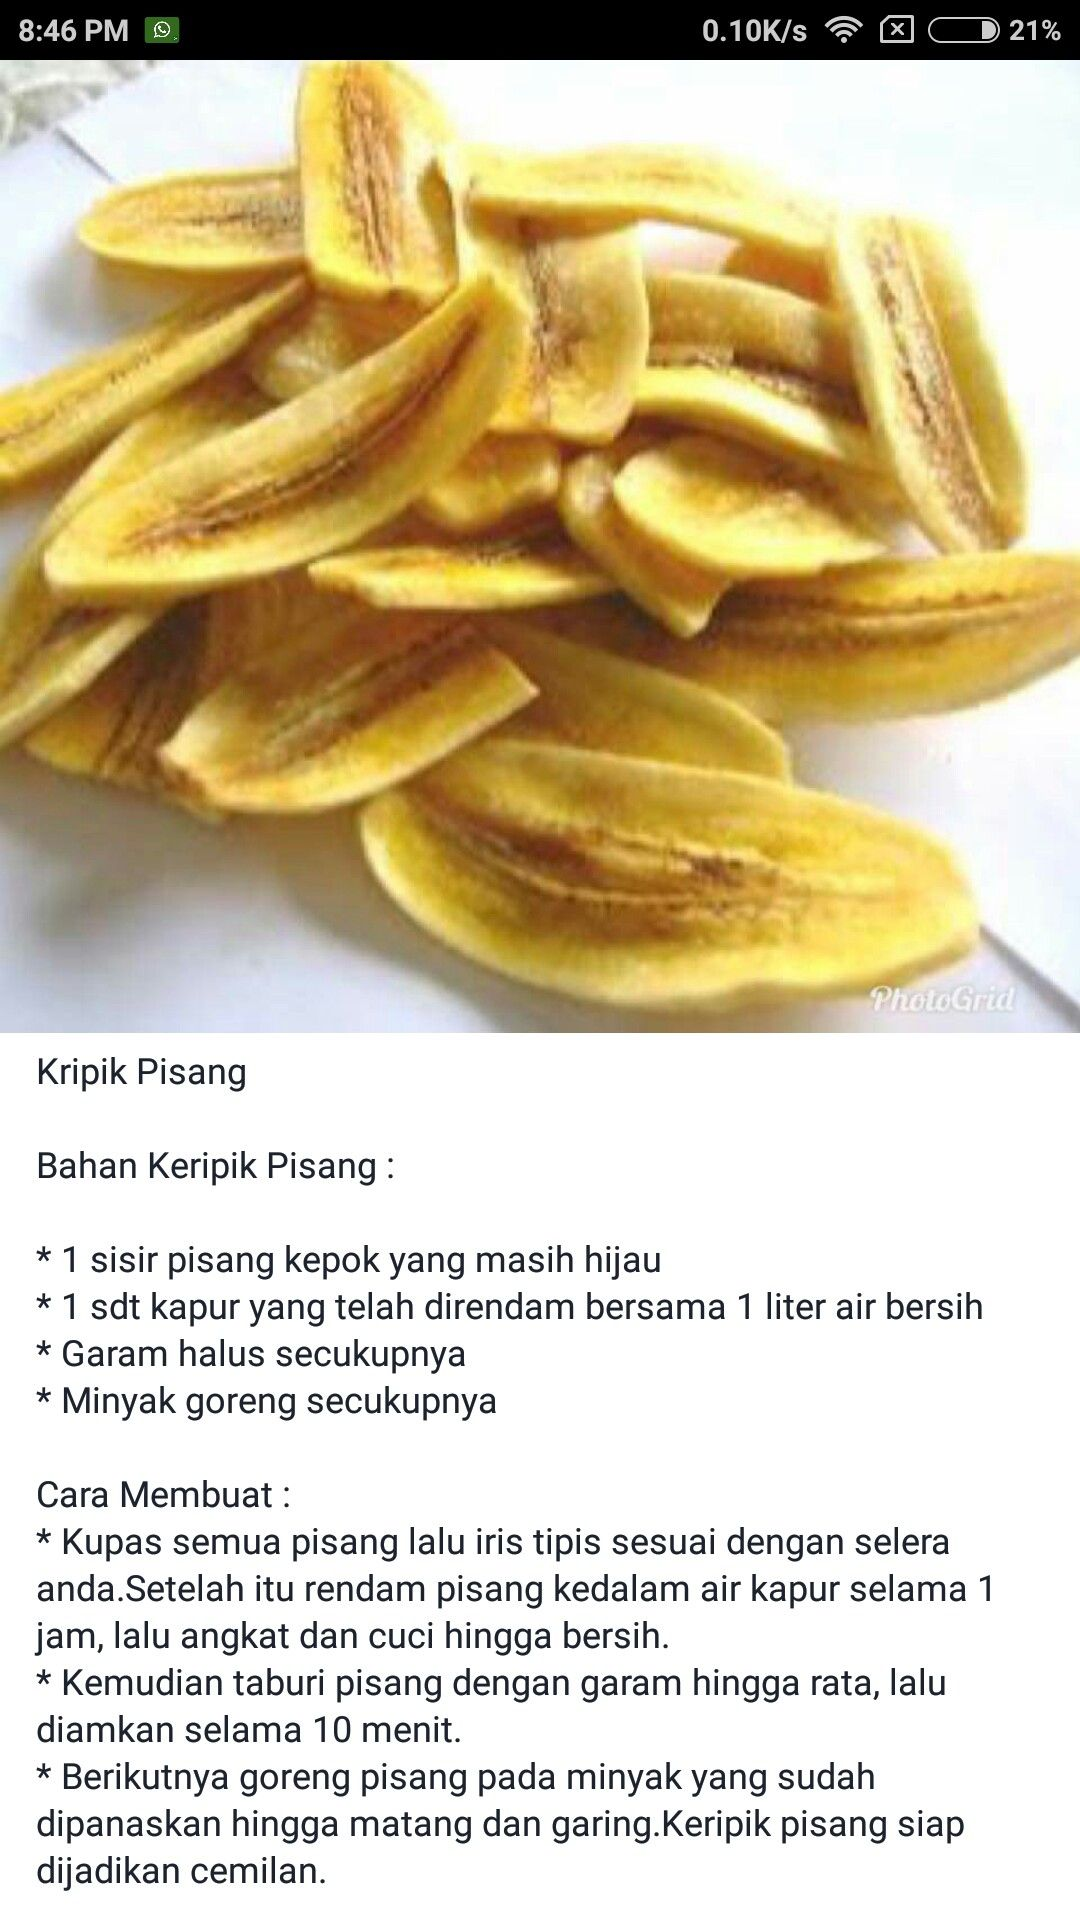 Cara Membuat Cemilan Dari Pisang : membuat, cemilan, pisang, Keripik, Pisang, Makanan, Minuman,, Cemilan,